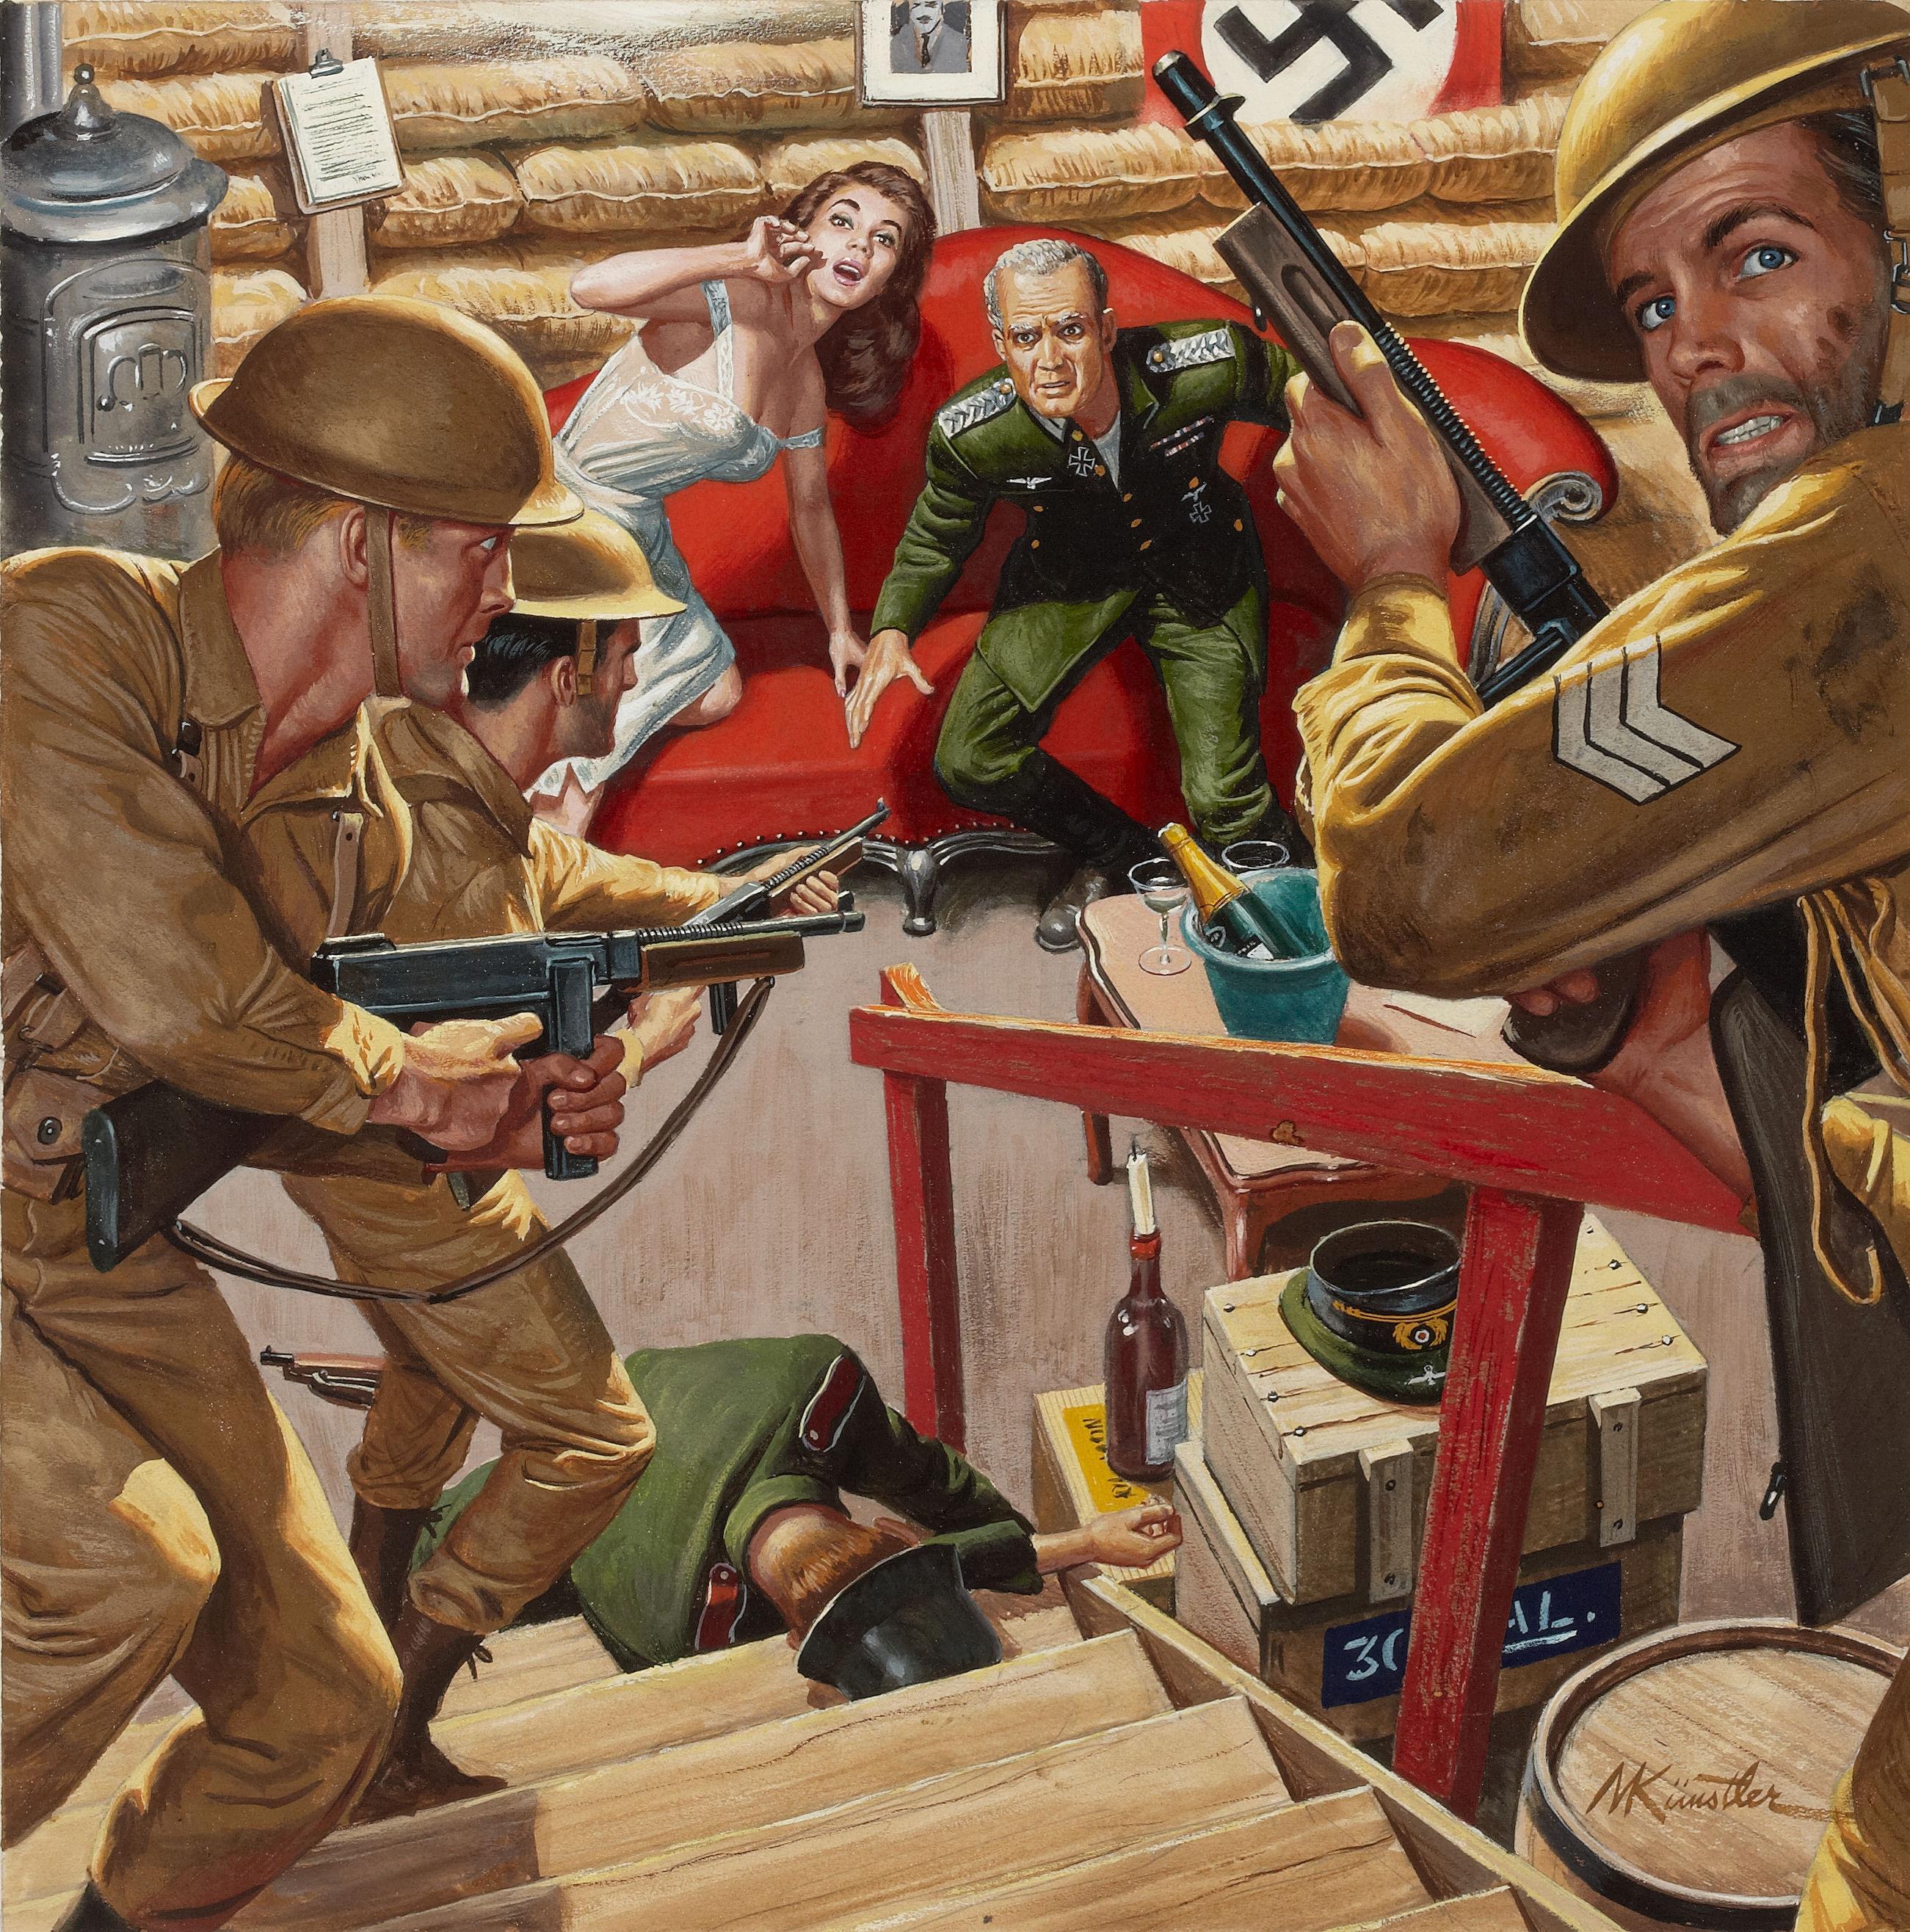 35925000-Reckless_Commando_Raid,_Male_cover,_c._1958